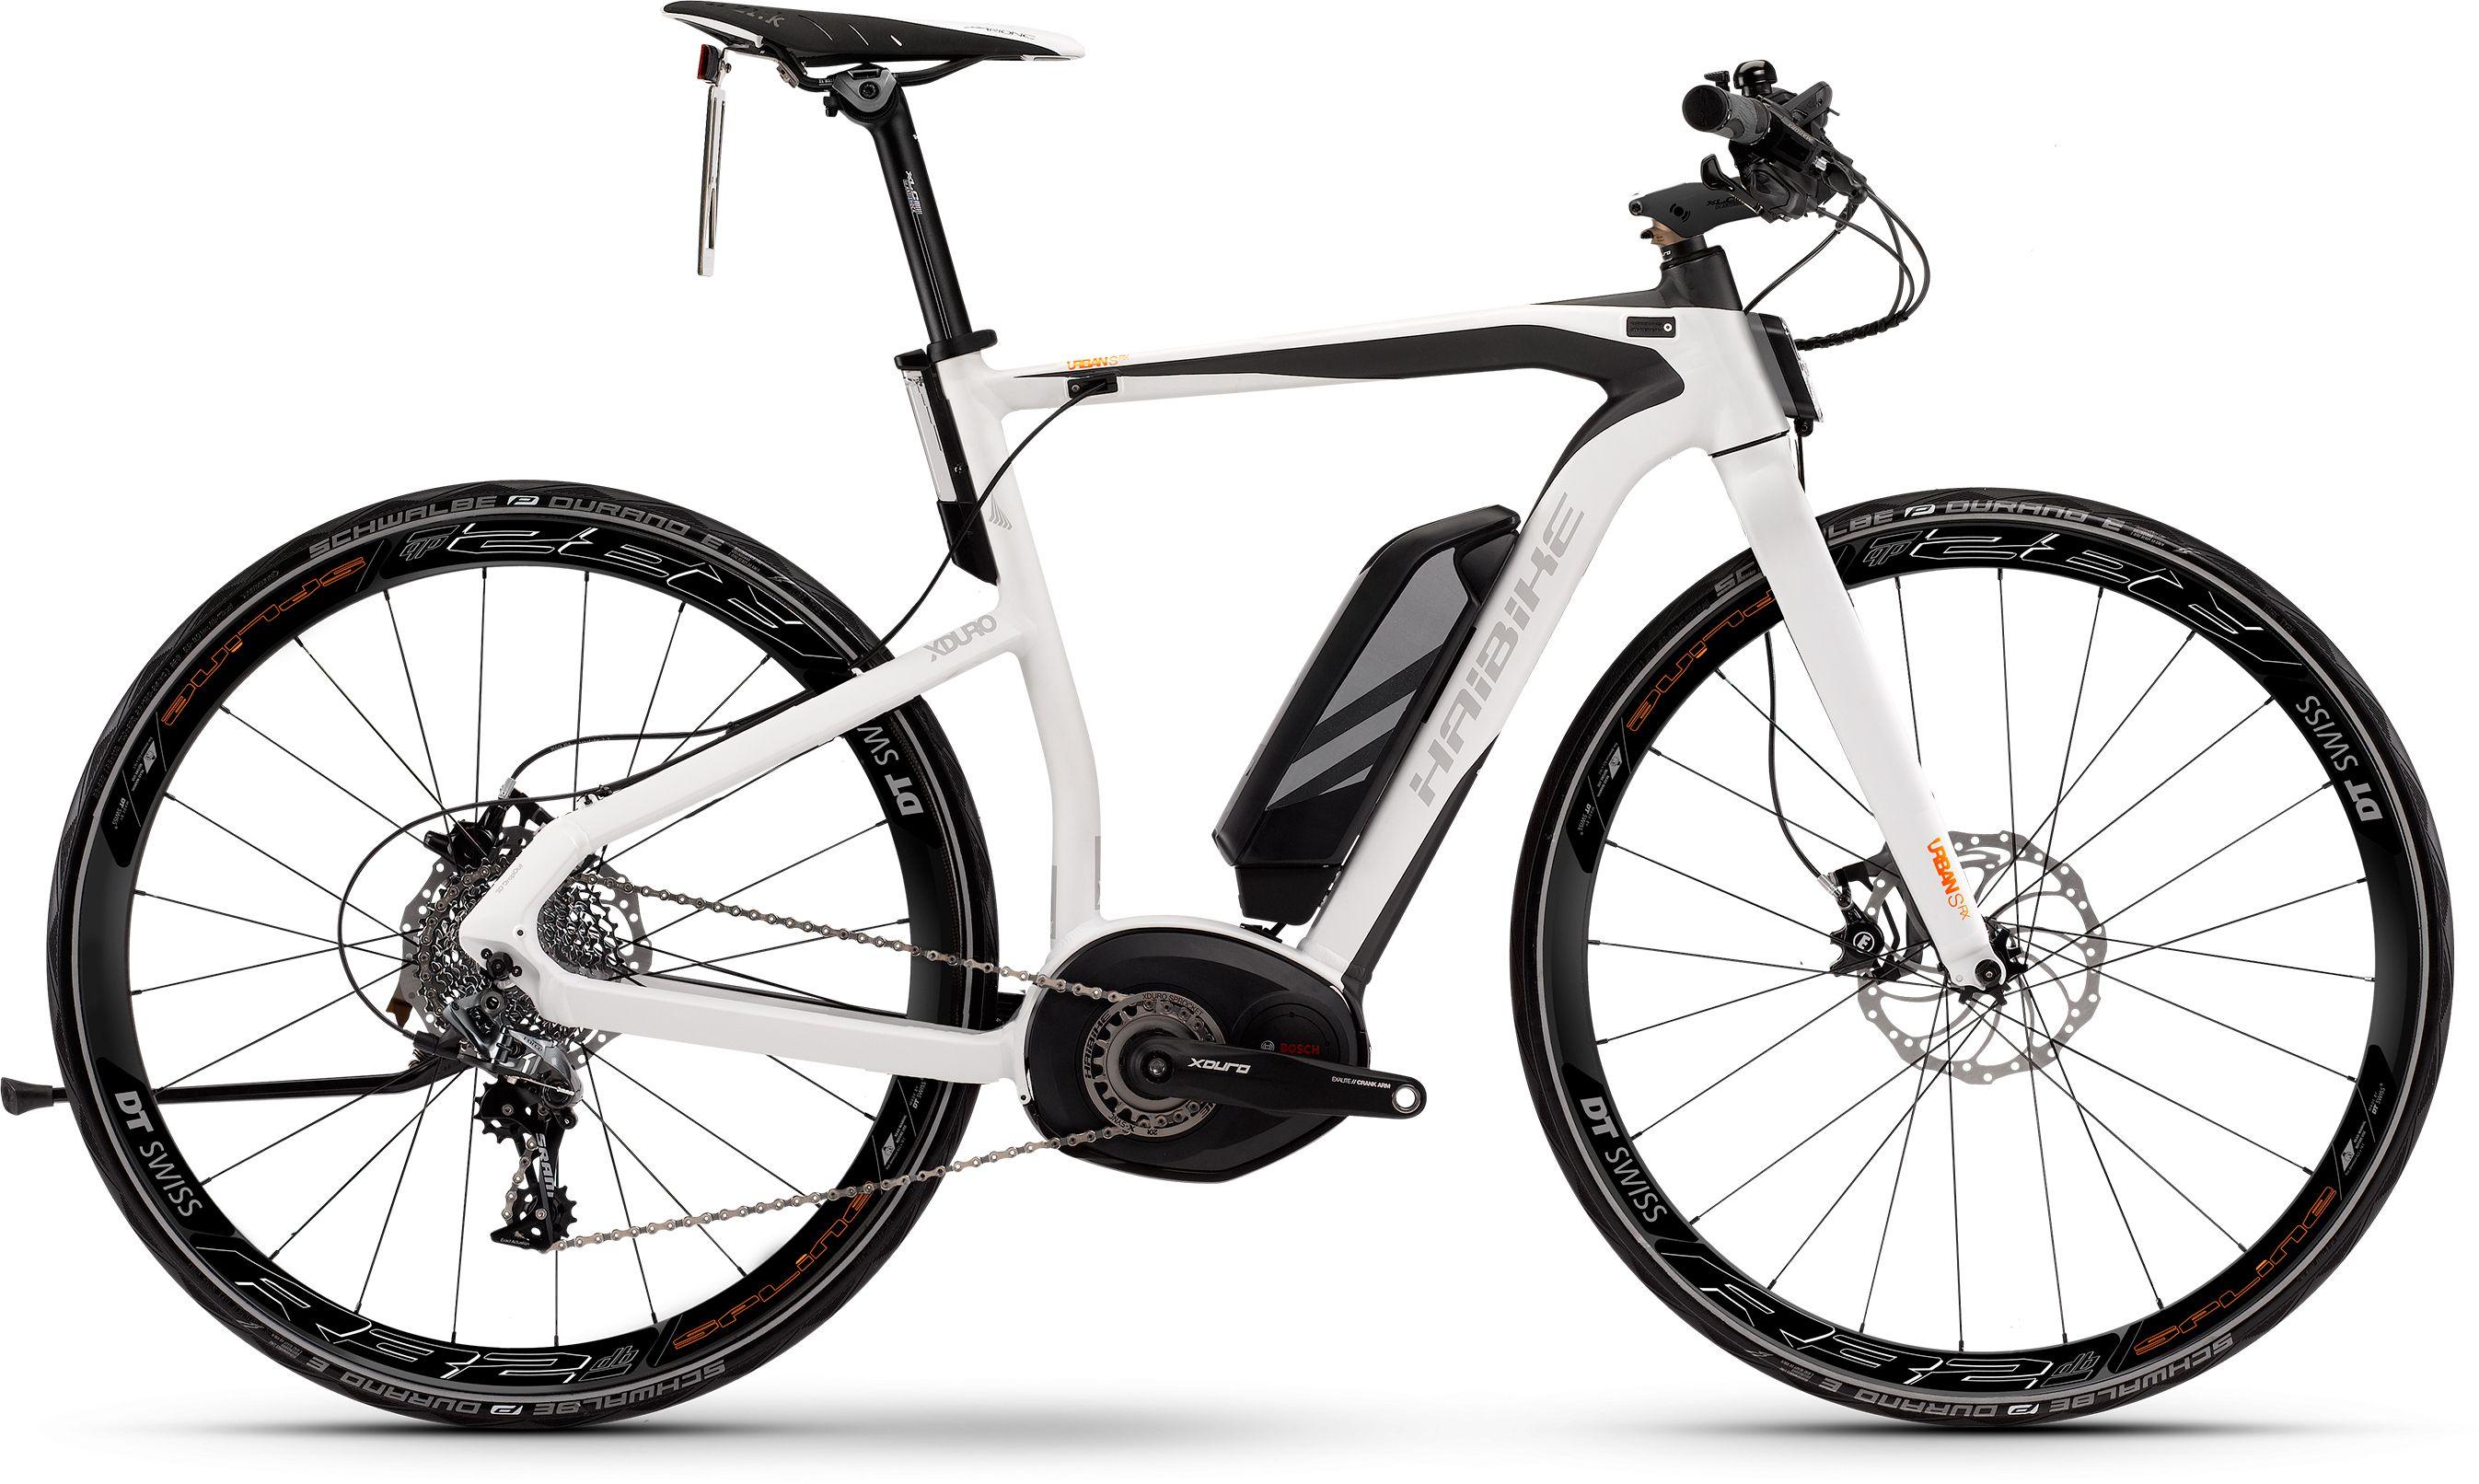 Велосипед Haibike Xduro Urban S RX 500Wh 2016,  Электро  - артикул:272481